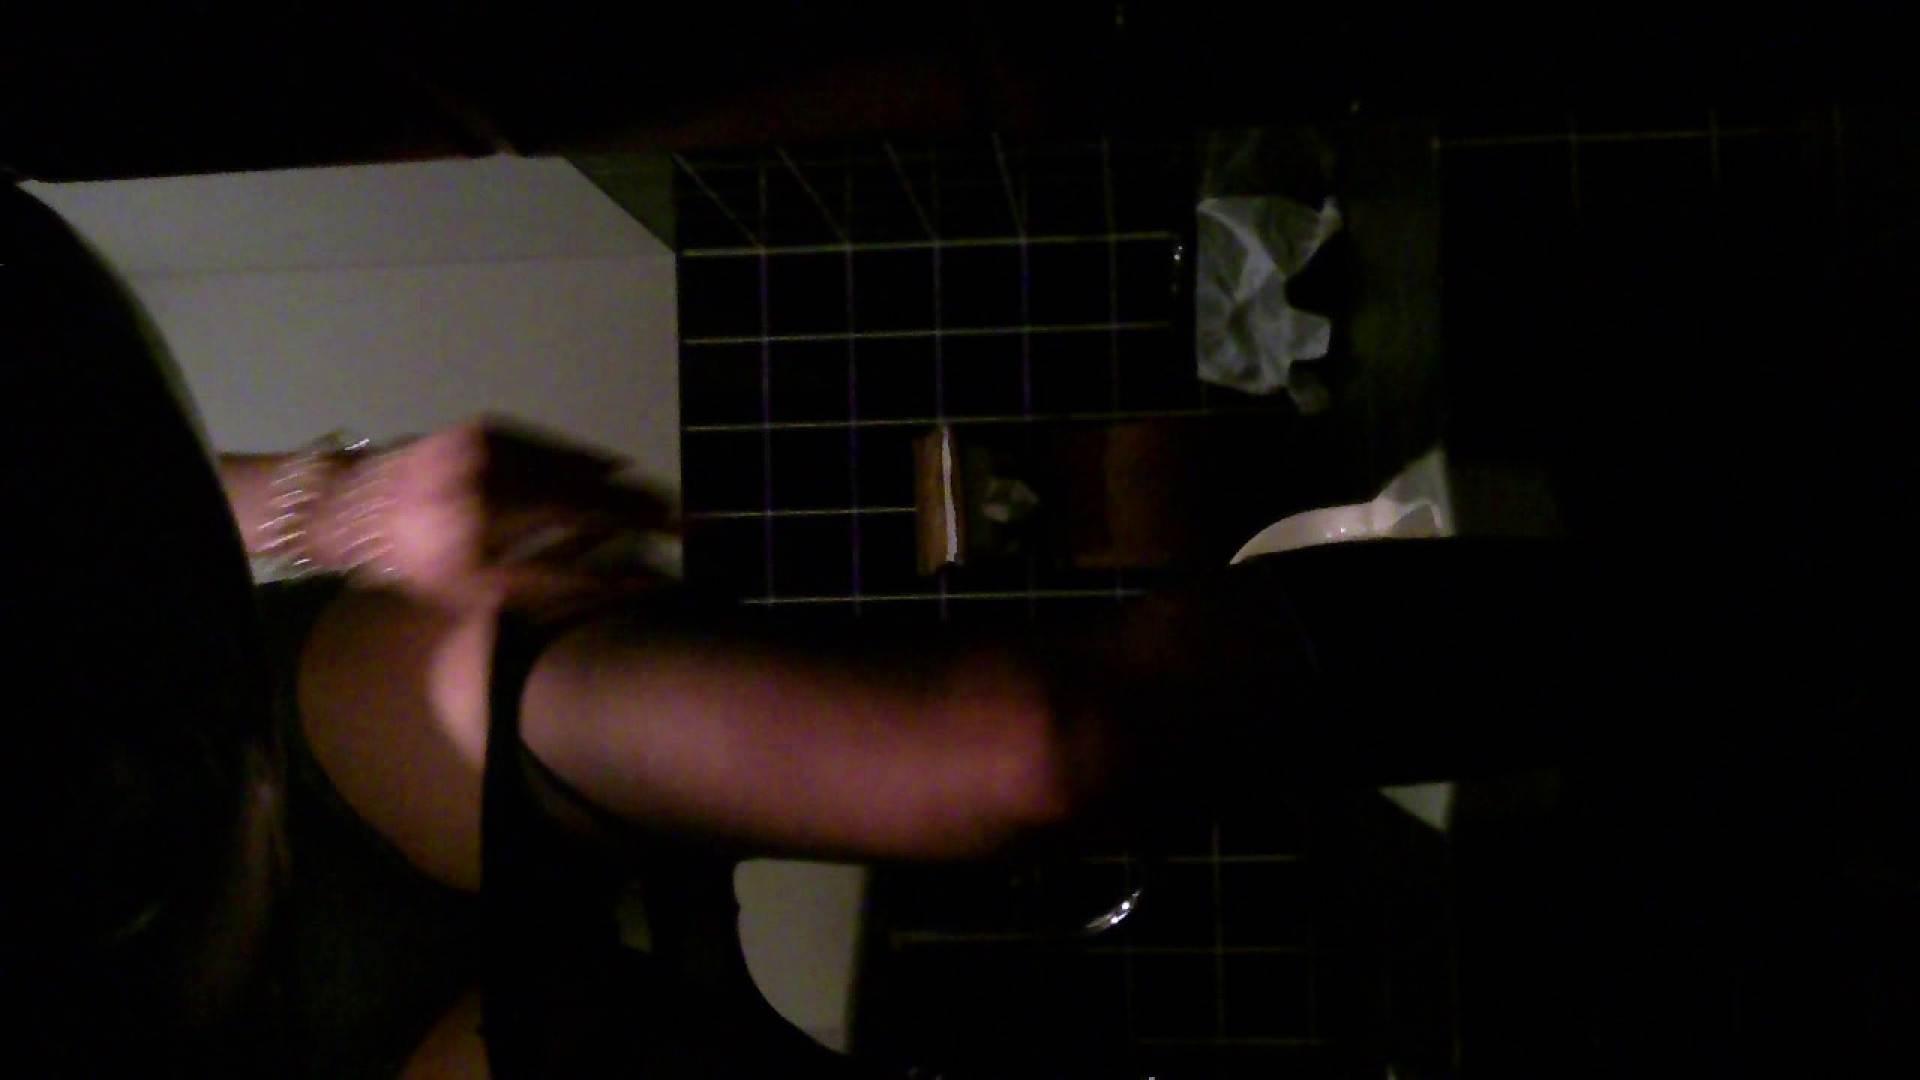 美女の集まる飲み屋洗面所 vol.04 美女エロ画像  52PICs 36